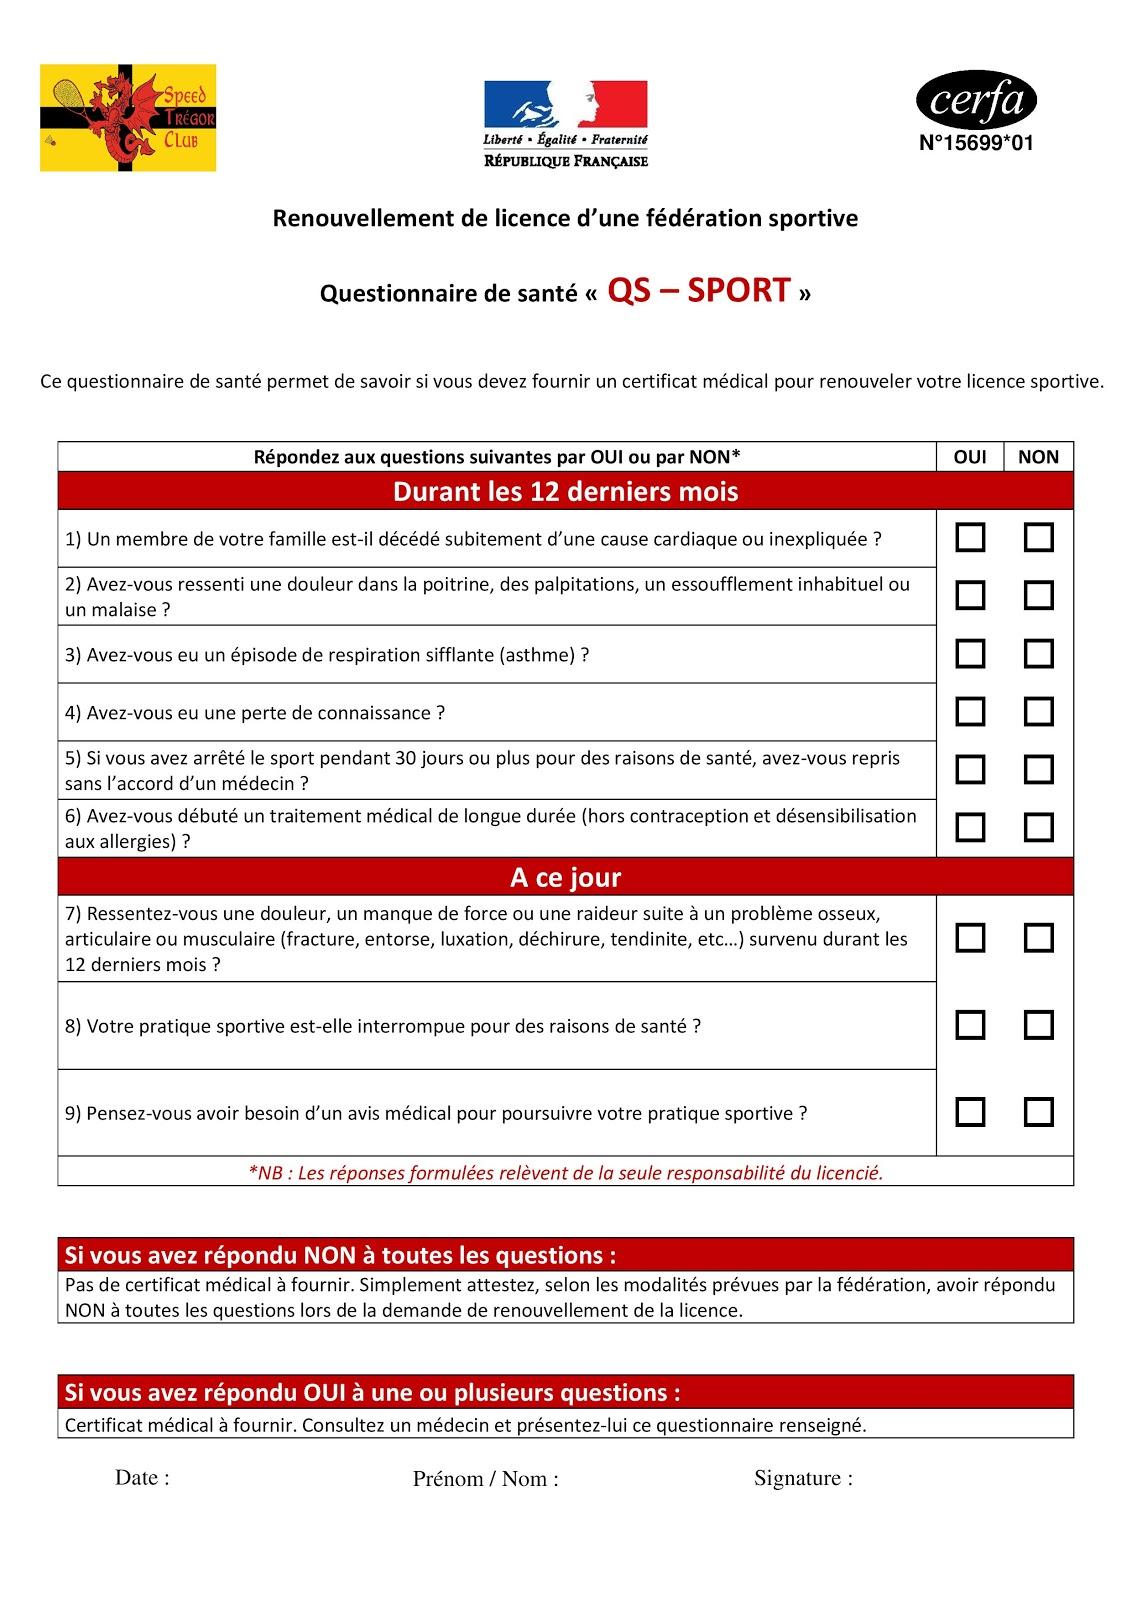 https://4.bp.blogspot.com/-YDdvJ0F_LH0/WzSm1-oMeBI/AAAAAAAACVs/S75_UuRDotEUQysTGLEF_b4rPSizAFDygCLcBGAs/s1600/Questionnaire_medical_cerfa_15699-STC.jpg